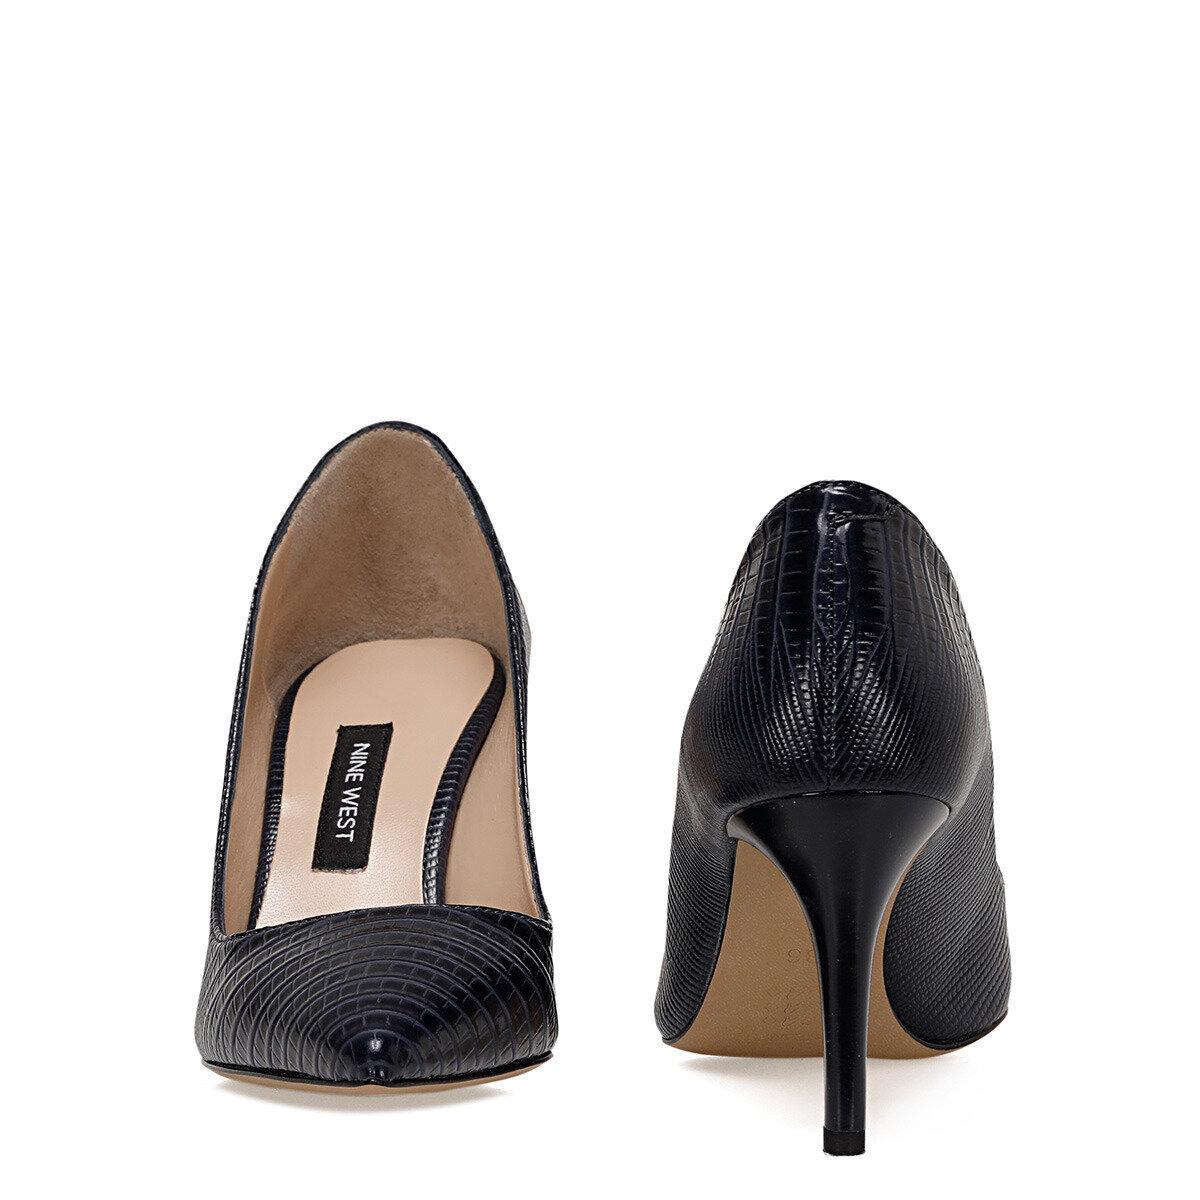 SUNNYDAY2 Lacivert Kadın Gova Ayakkabı